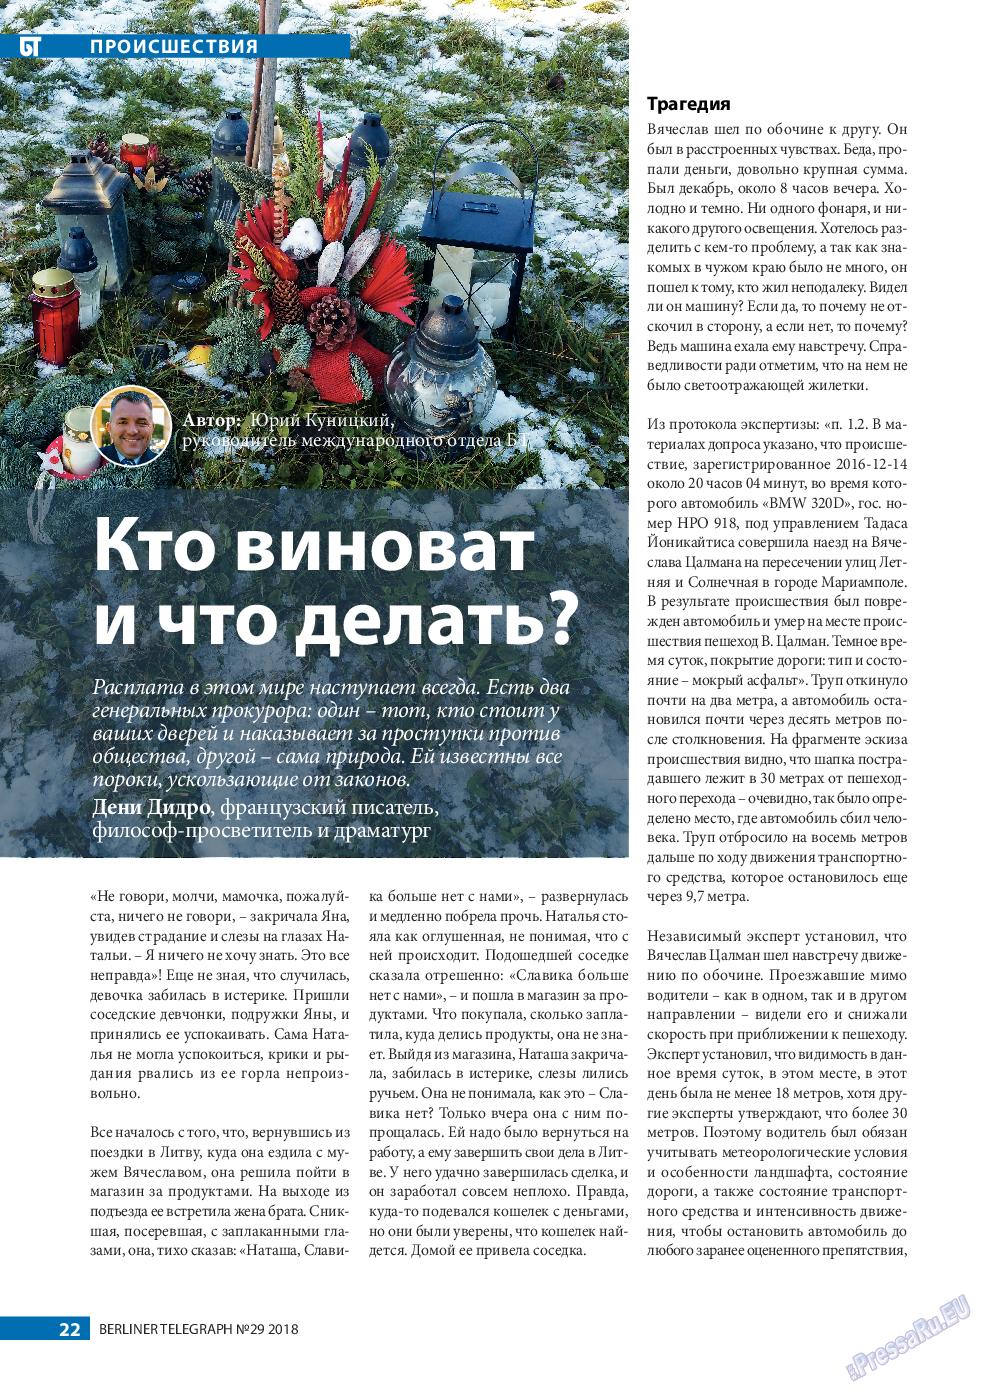 Берлинский телеграф (журнал). 2018 год, номер 29, стр. 22